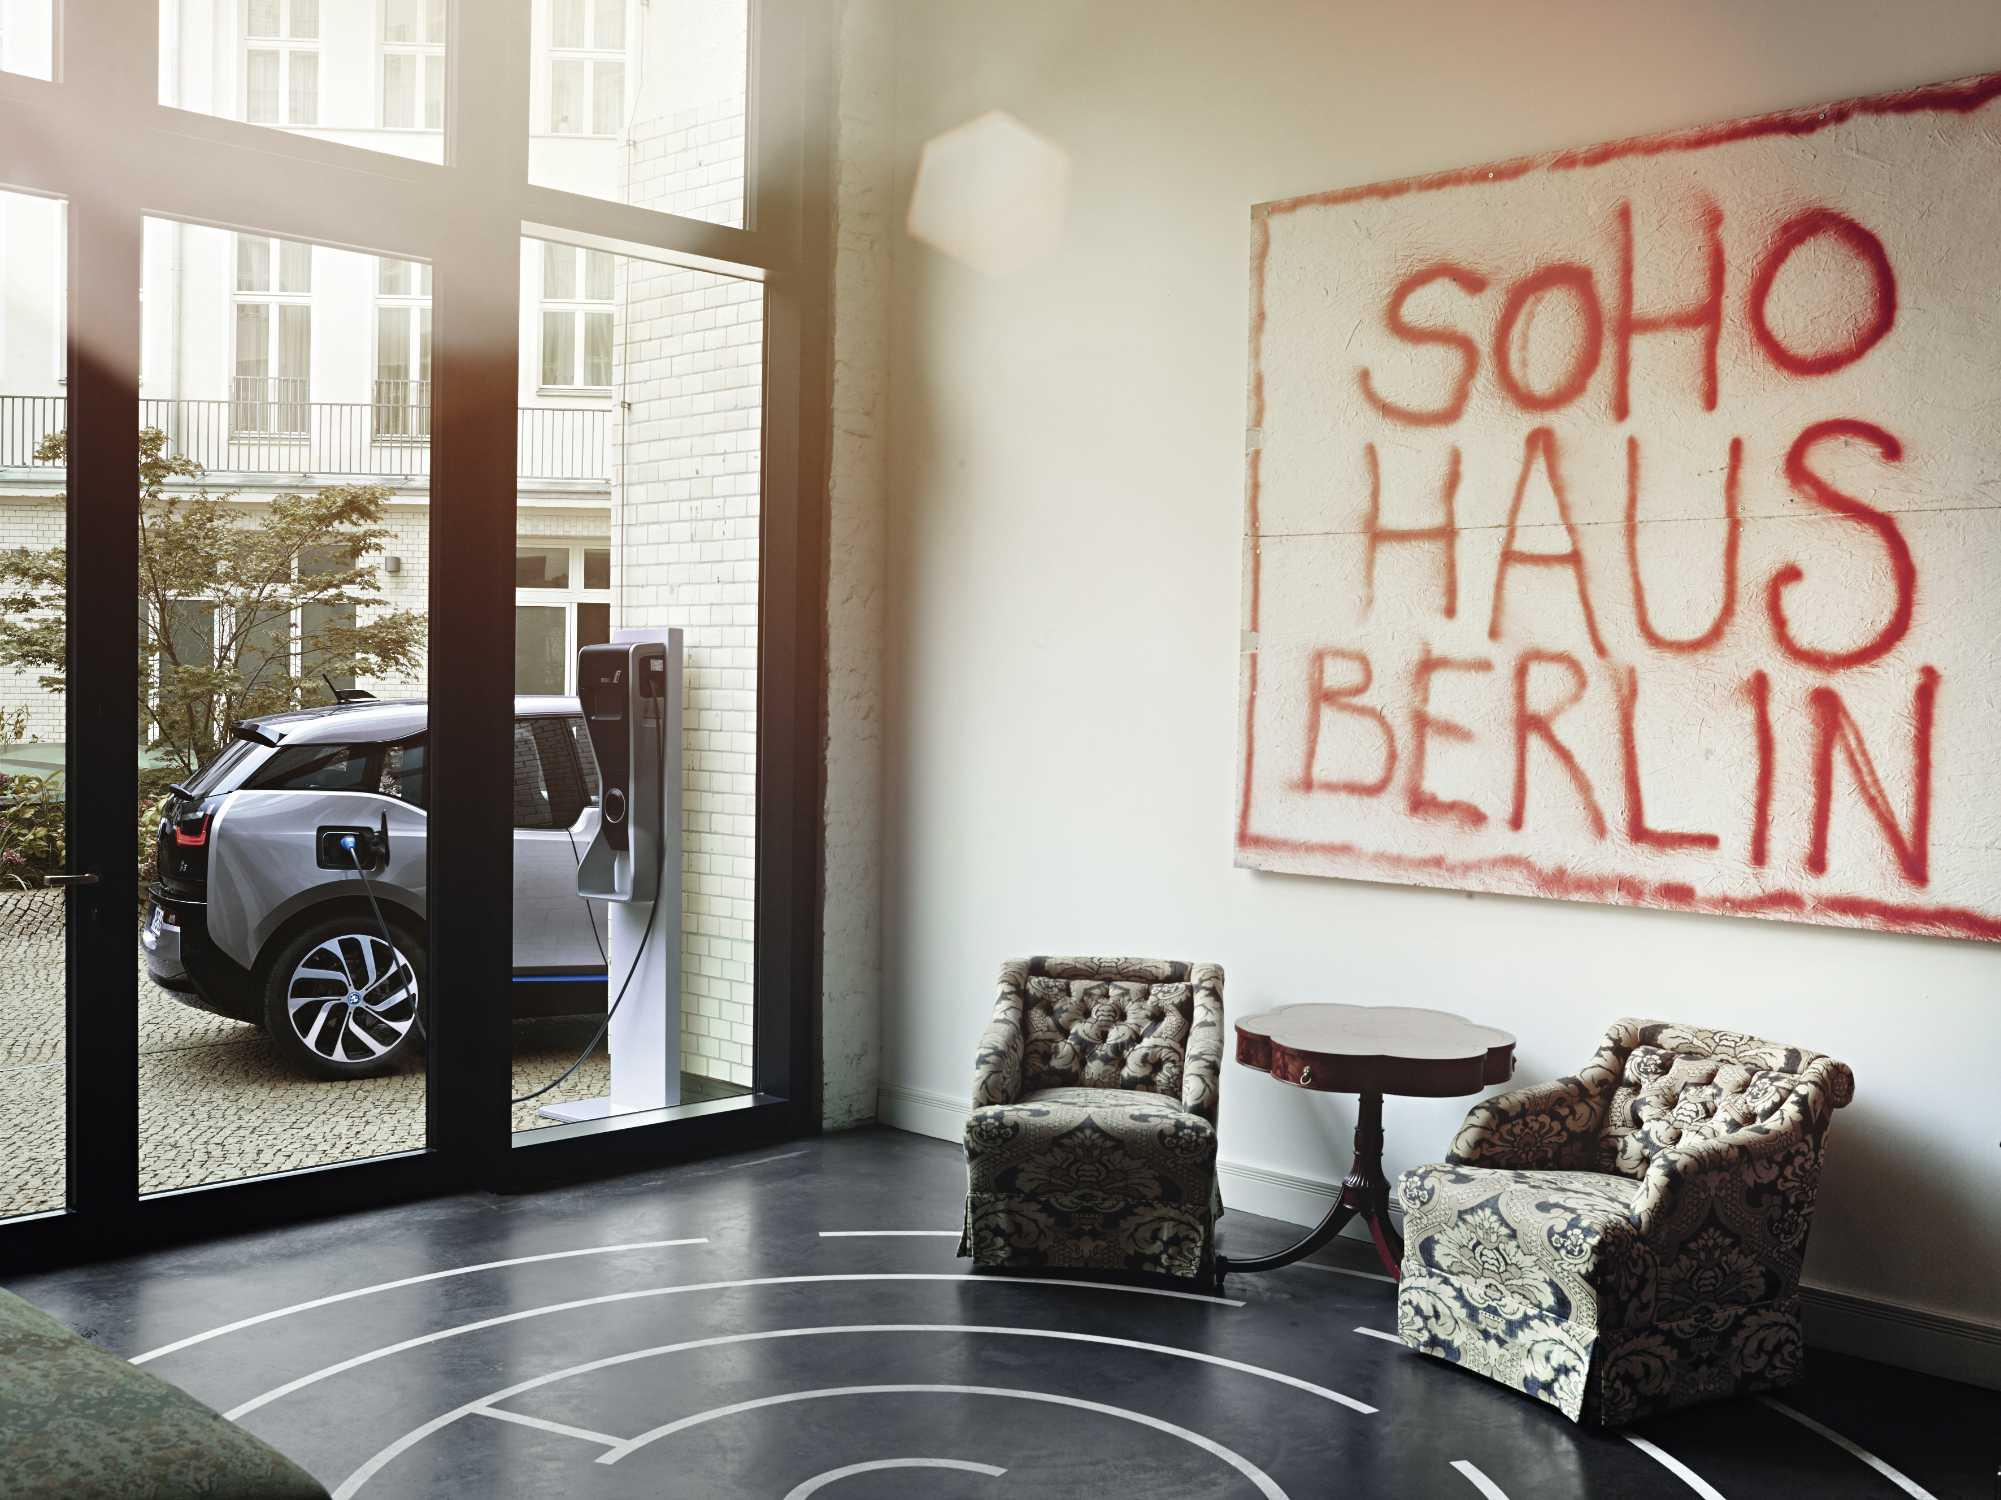 bmw i und soho house geben weltweite partnerschaft bekannt schaffung gemeinsamer plattformen fur innovation kunst und design